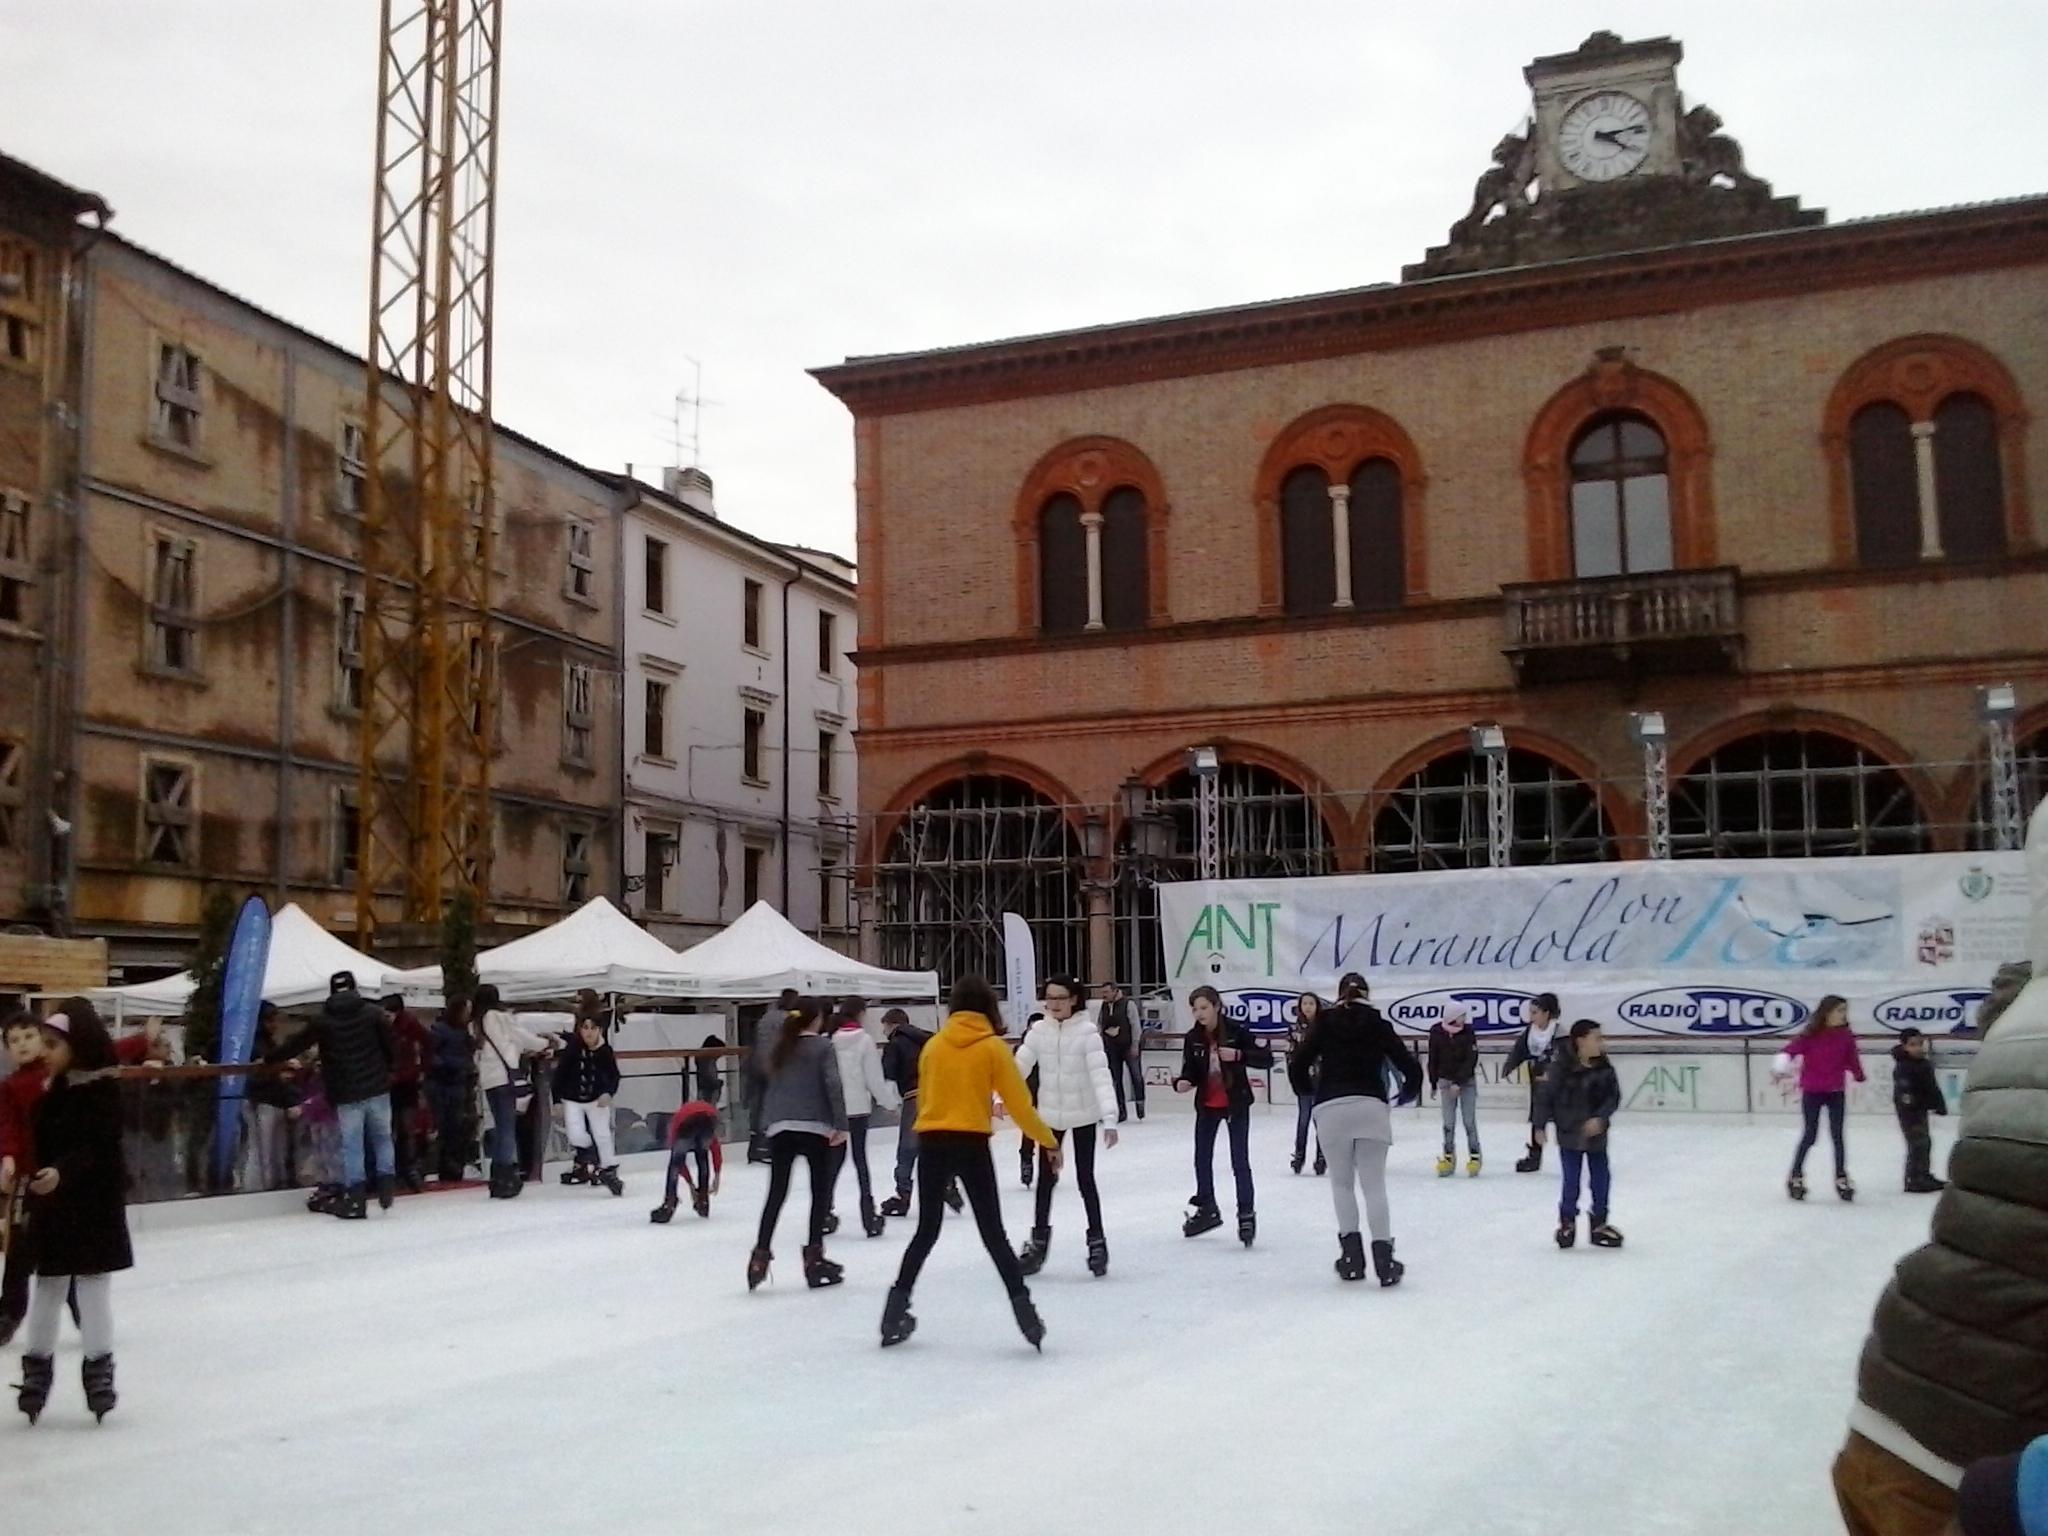 mirandola-on-ice